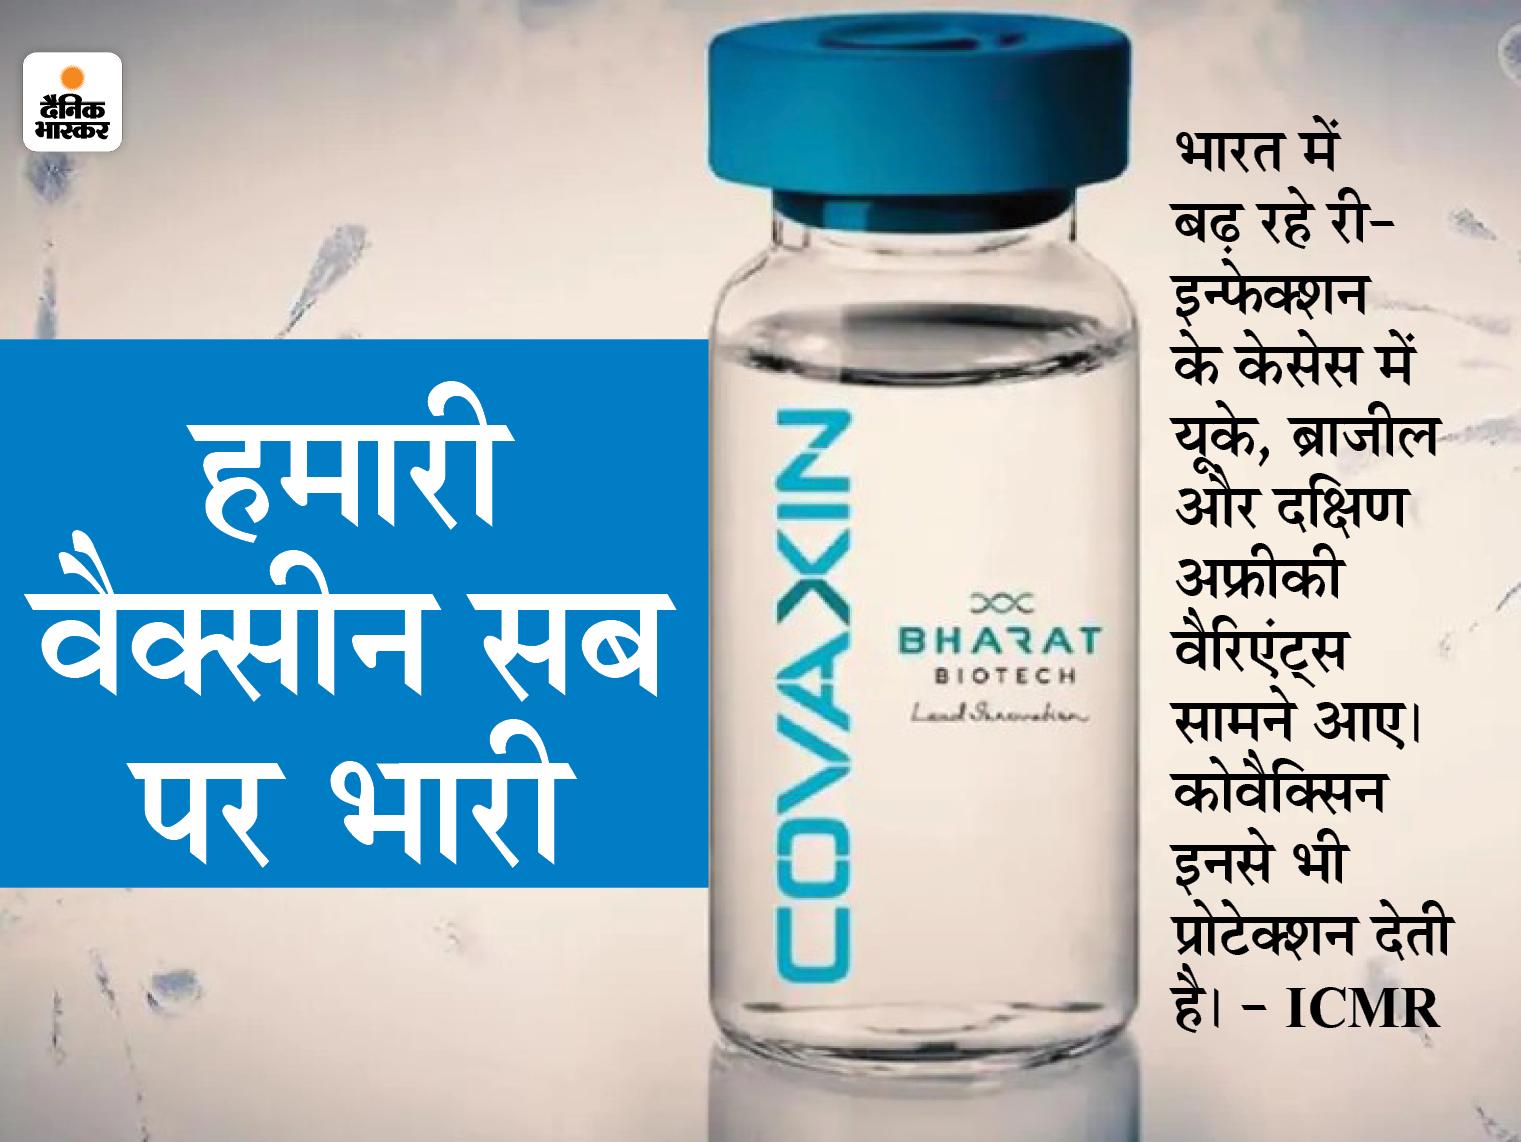 ICMR का दावा- डबल म्यूटेंट वैरिएंट कोरोनावायरस को भी खत्म कर देती है कोवैक्सिन, सभी वैरिएंट पर कारगर|देश,National - Dainik Bhaskar